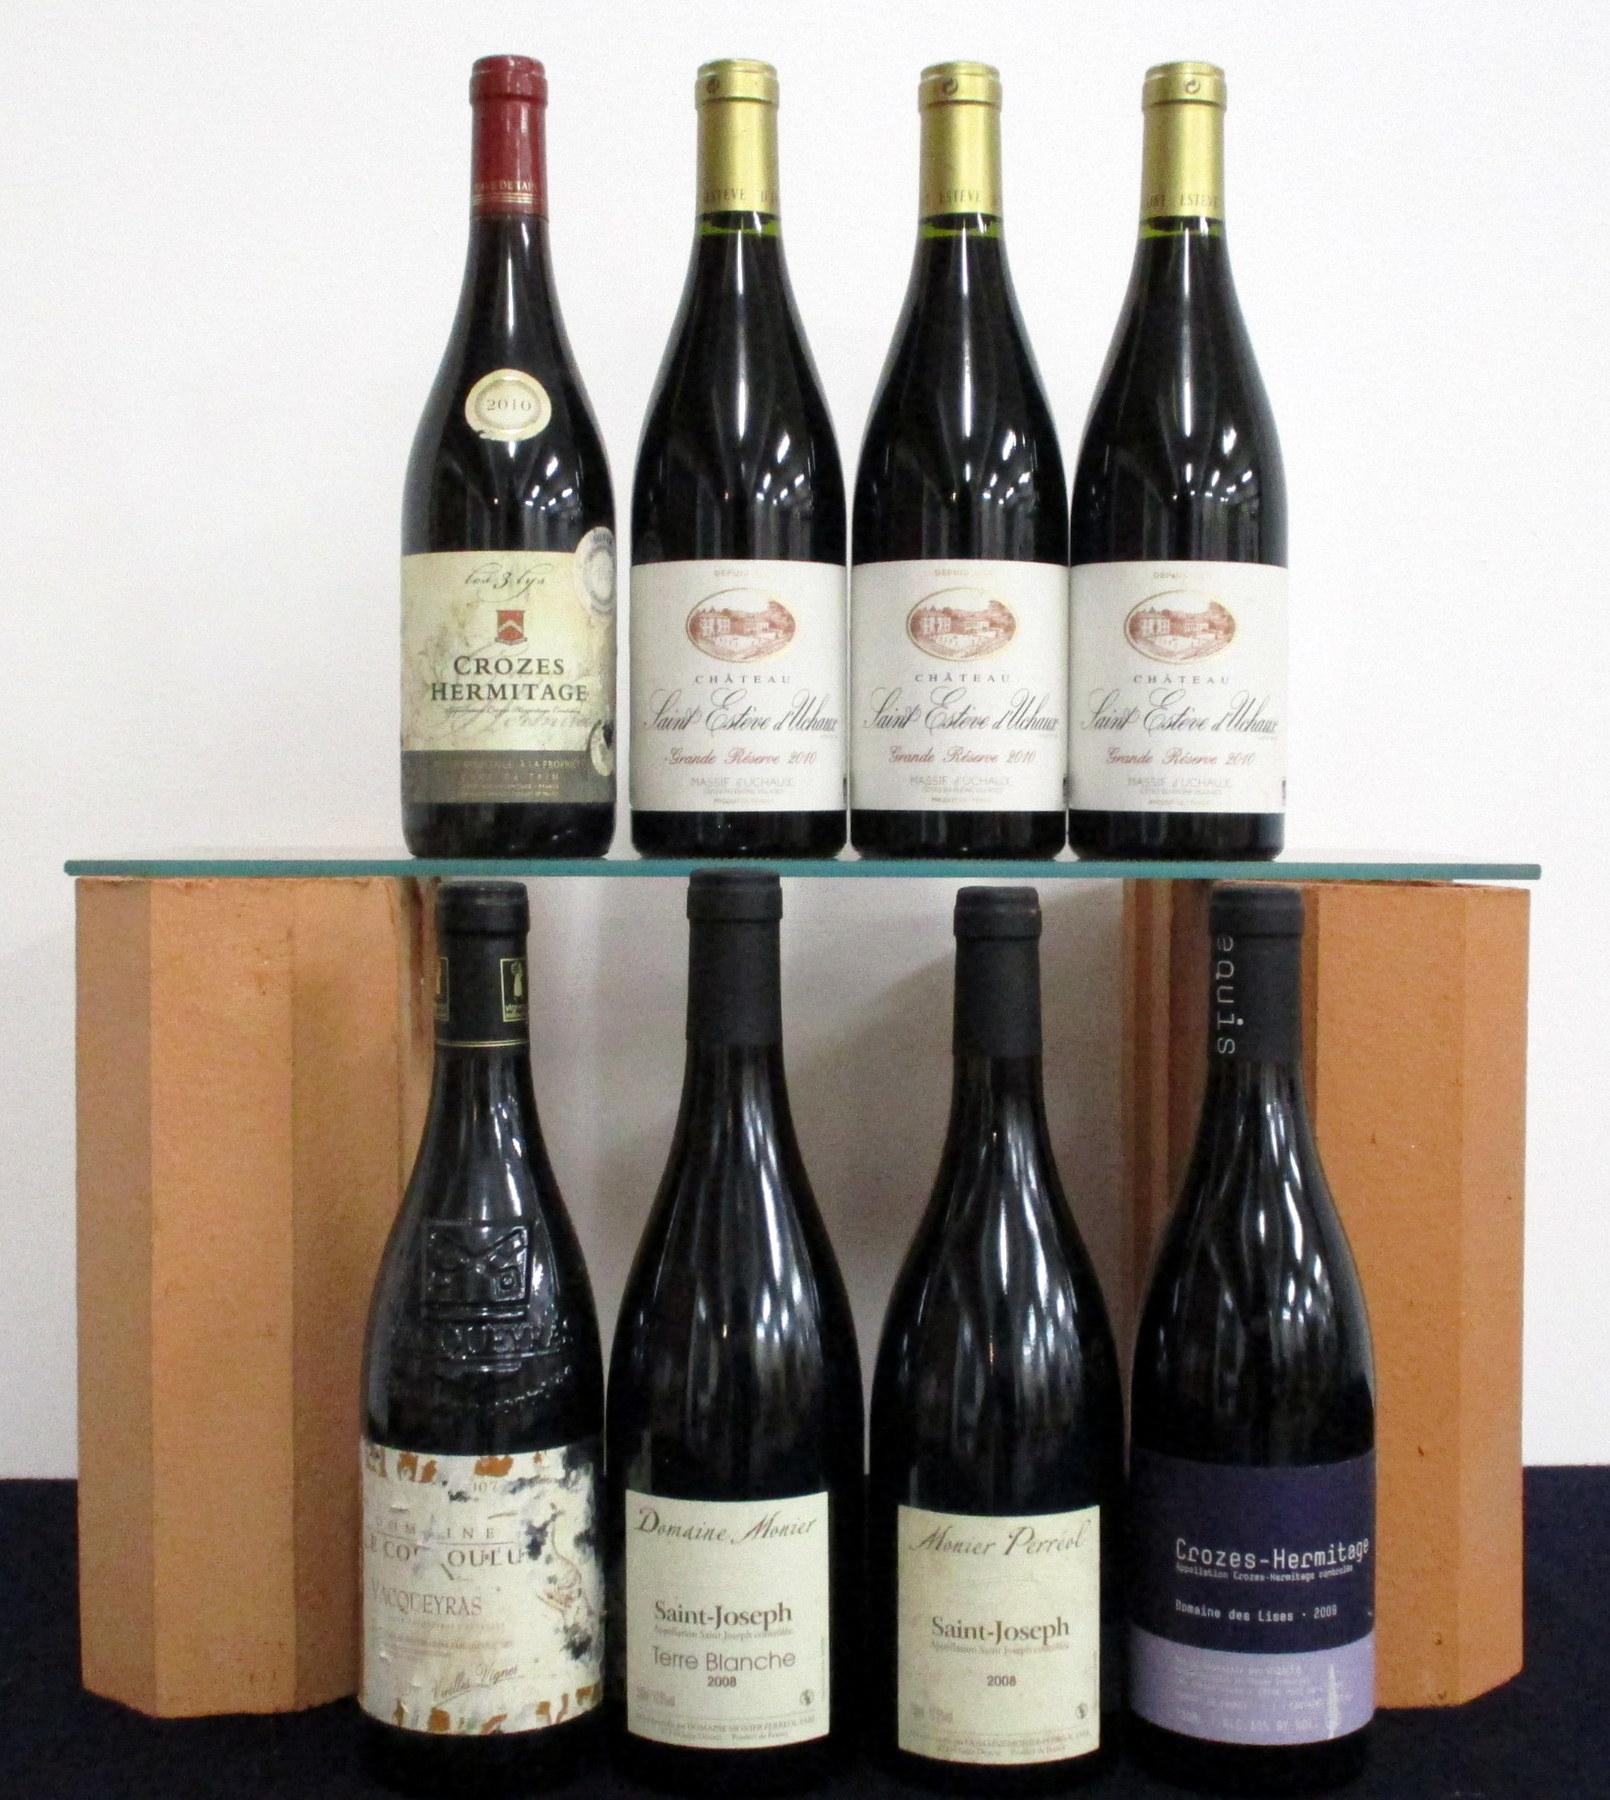 1 bt Vacqueyras V.V. 2007 Dom Le Couroulu cdl 2 bts Saint-Joseph Terre Blanche 2008 Dom Monier